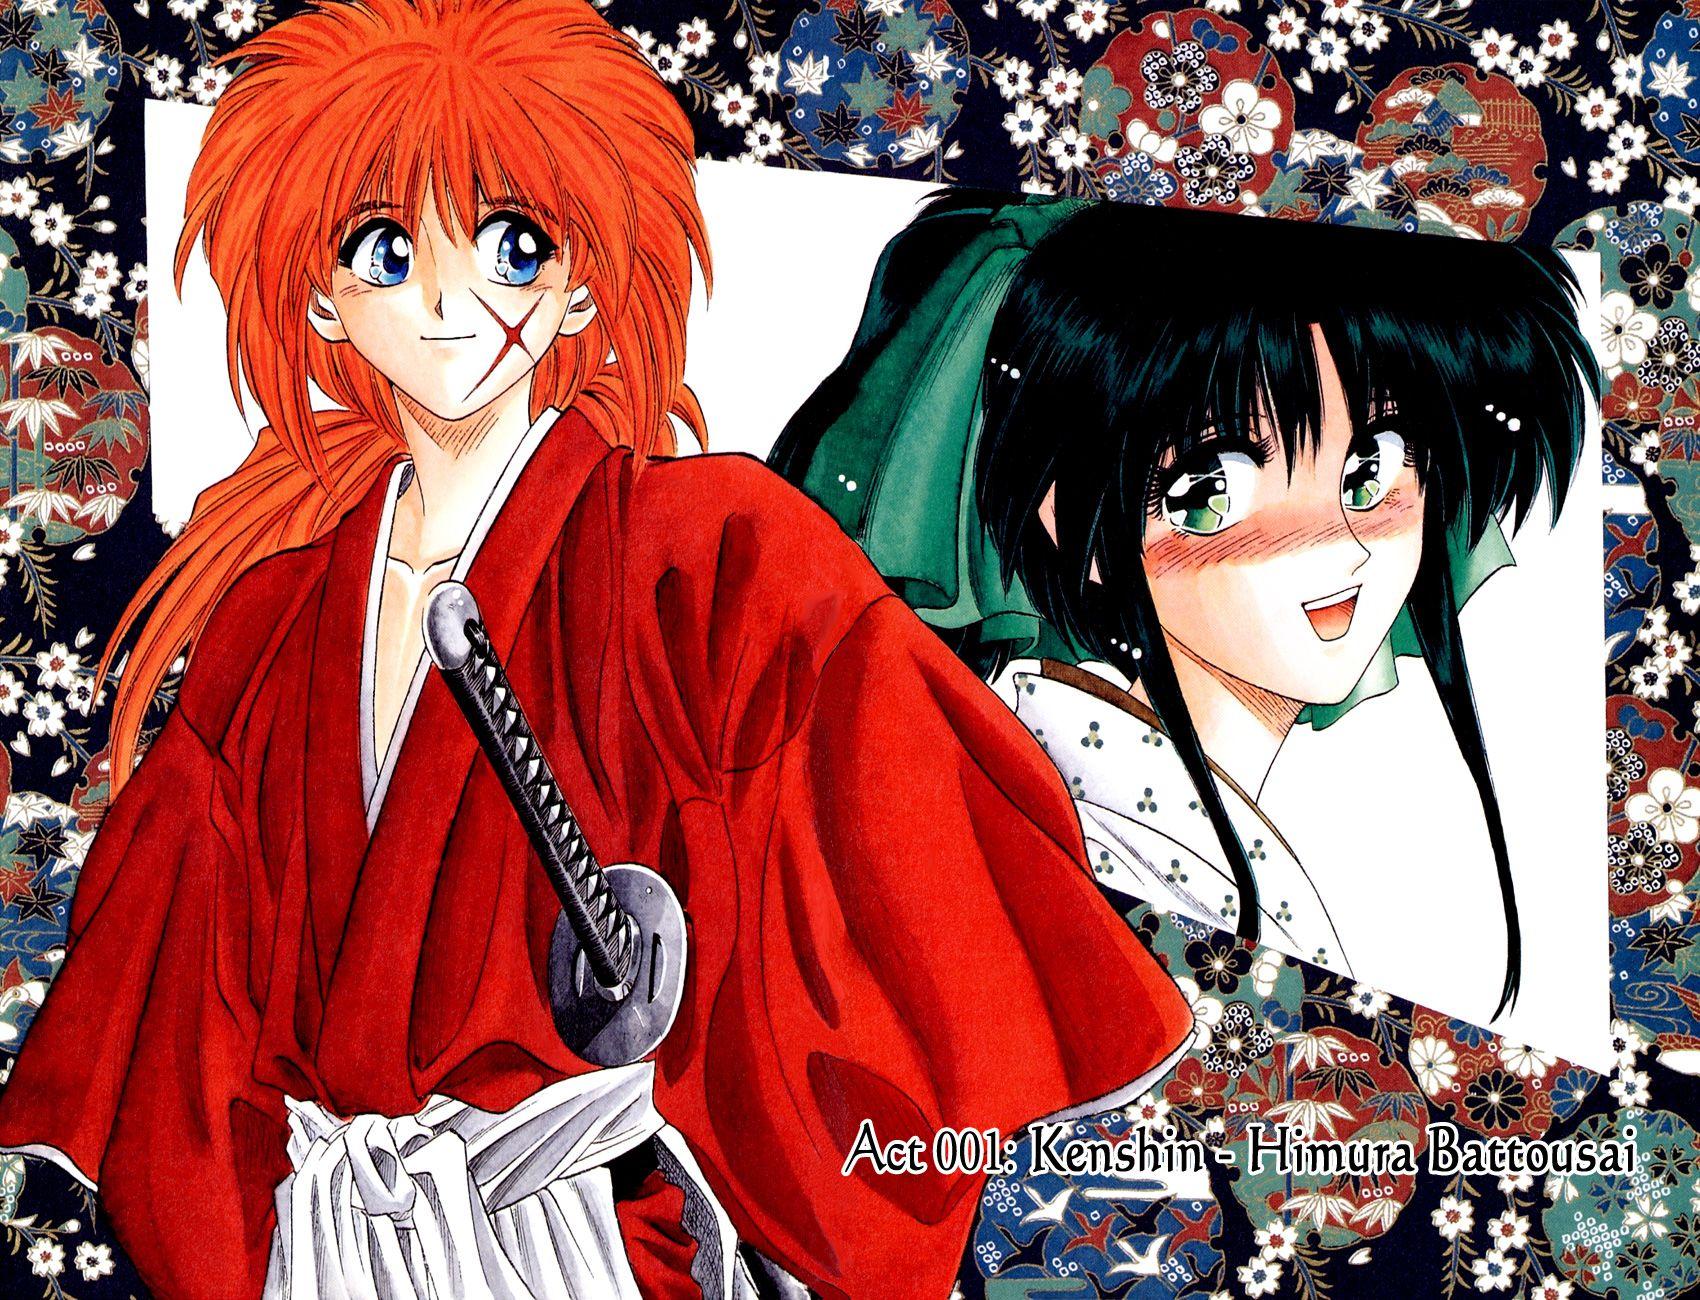 Kenshin and Koaru Rurouni kenshin, Samurai, Anime